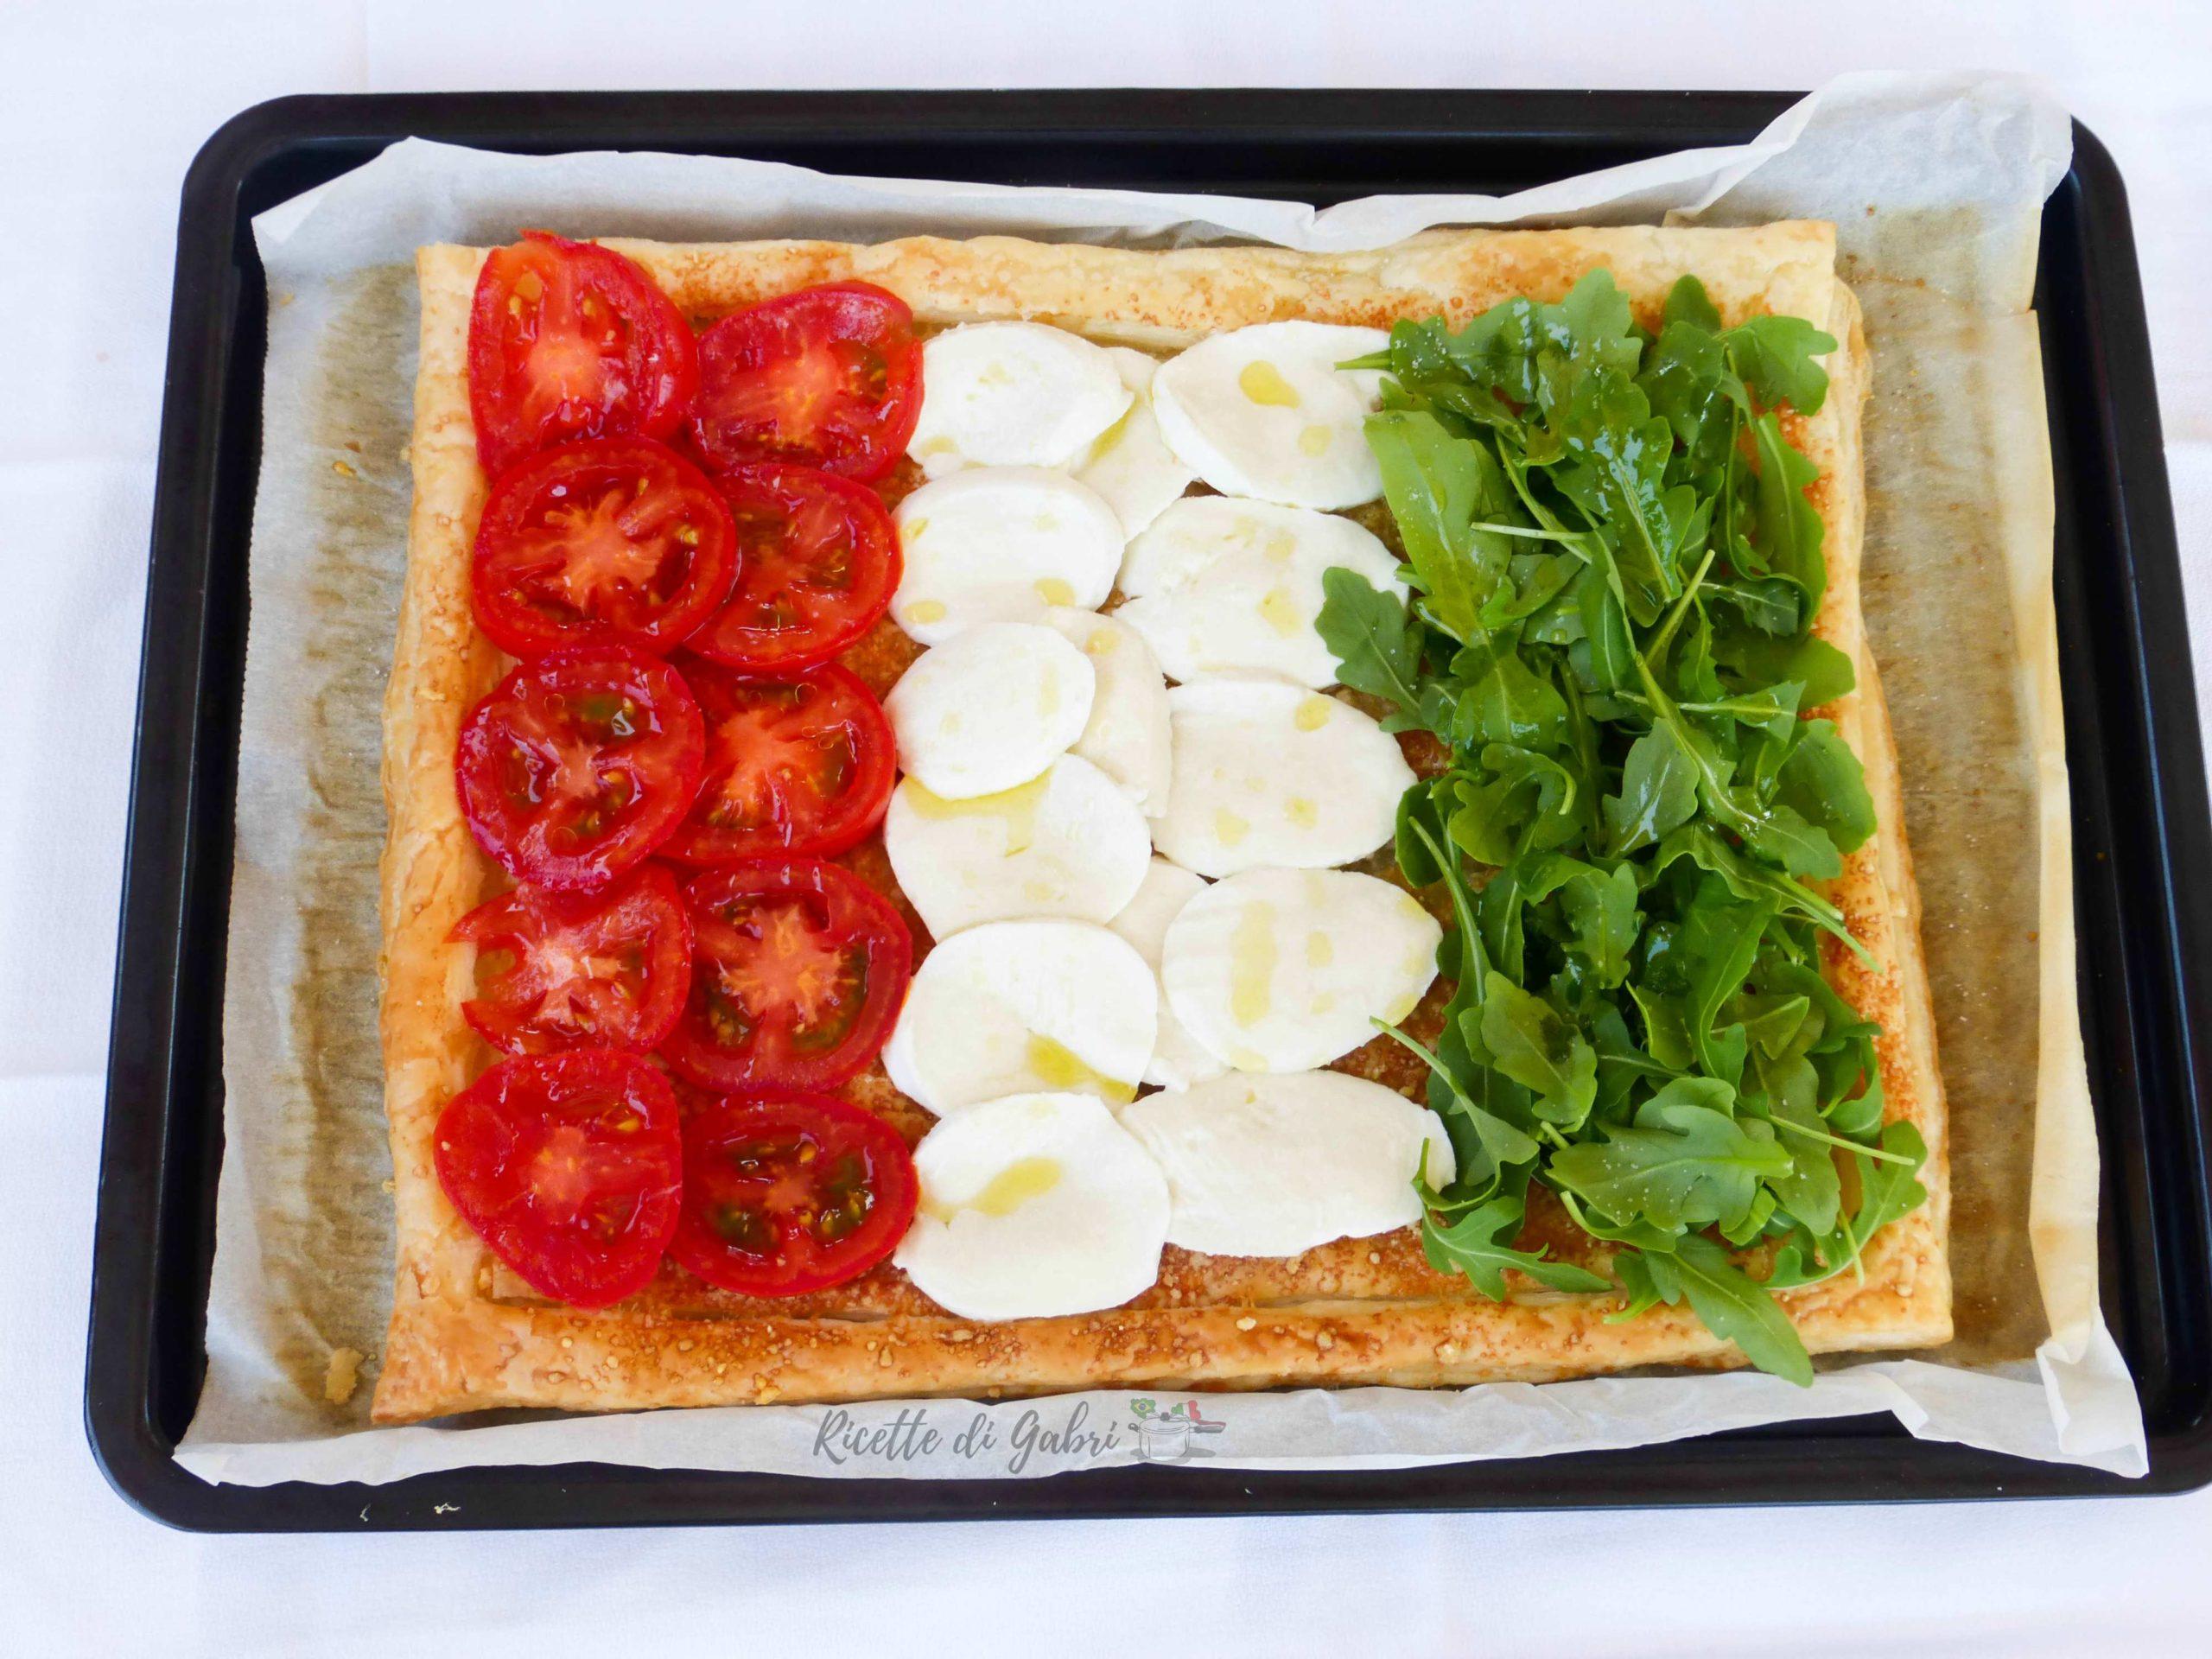 torta salata tricolore bandiera italiana di pasta sfoglia con pomodorini, rucola e mozzarella ricetta facile gabri